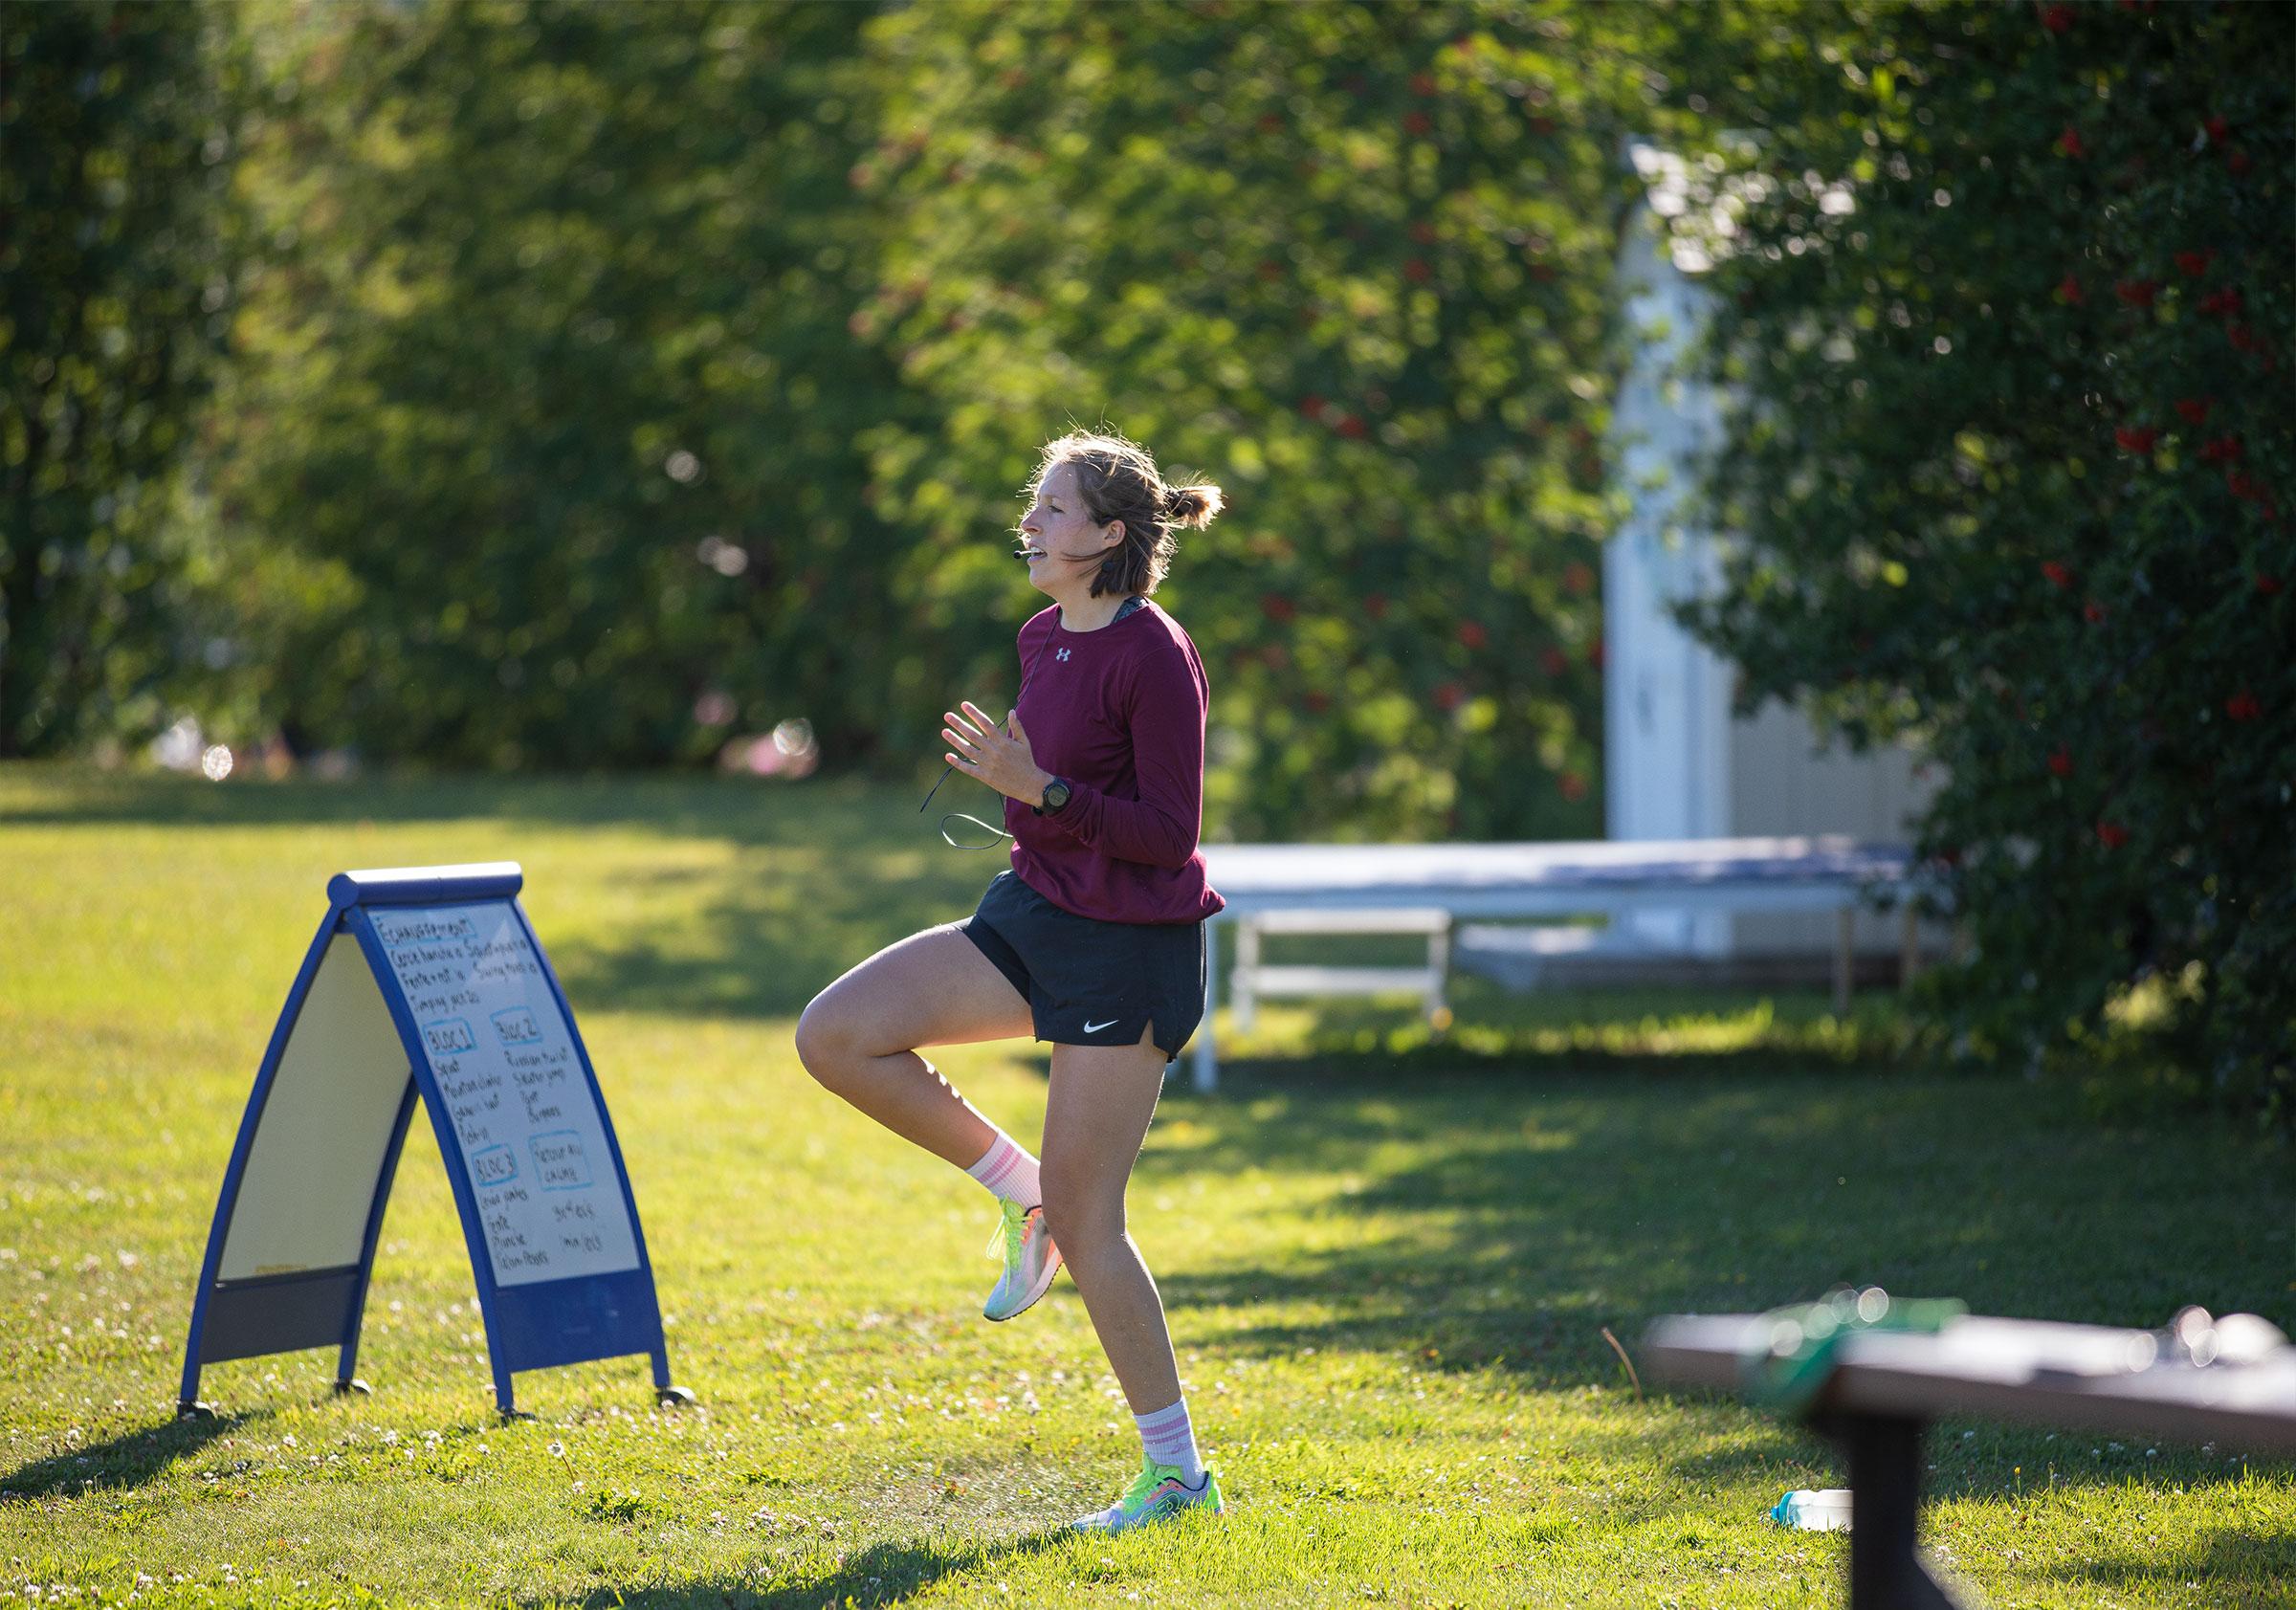 Alexandra qui fait un exercice physique en exterieur